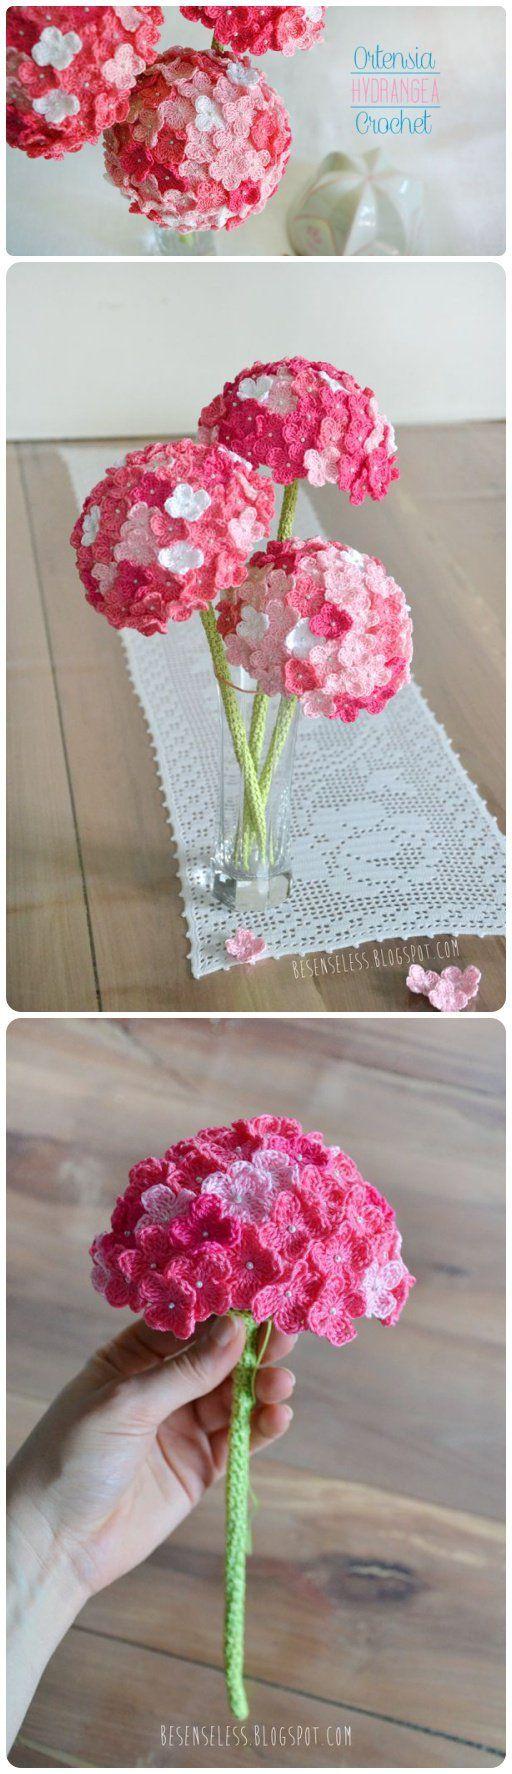 Crochet Hydrangea Flower with Free Pattern   Frei, Muster und Blumen